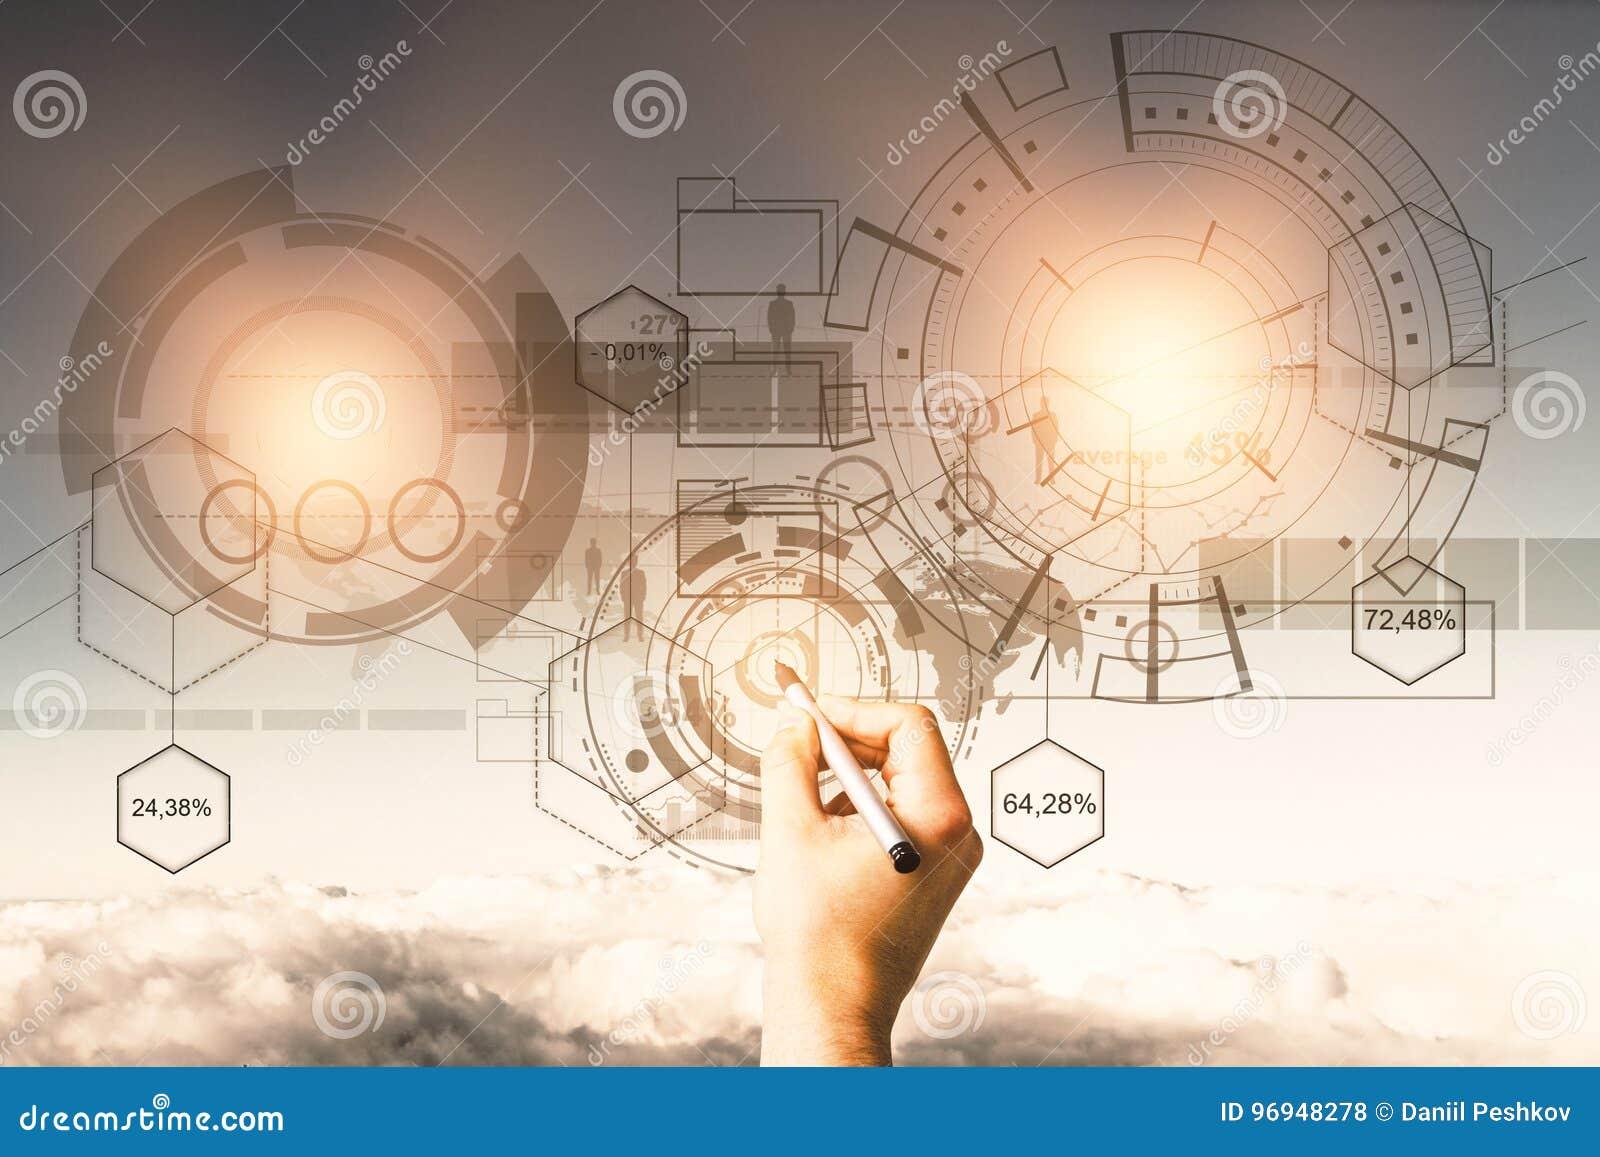 Έννοια τεχνολογίας, μέλλοντος και καινοτομίας